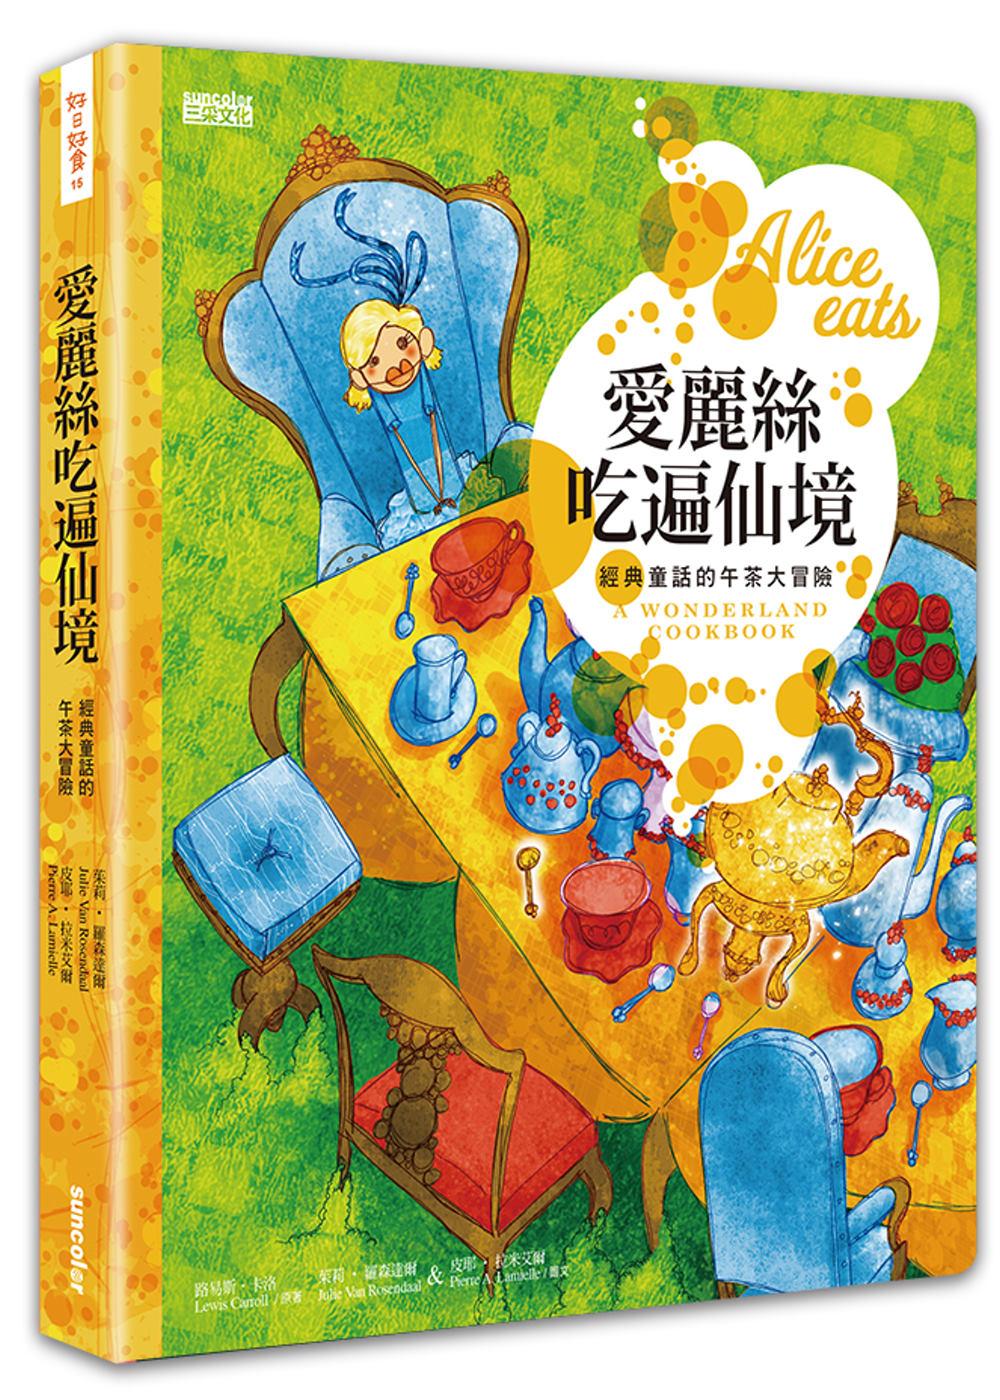 愛麗絲吃遍仙境: 童話的午茶大冒險^(附特製餐墊書衣^)